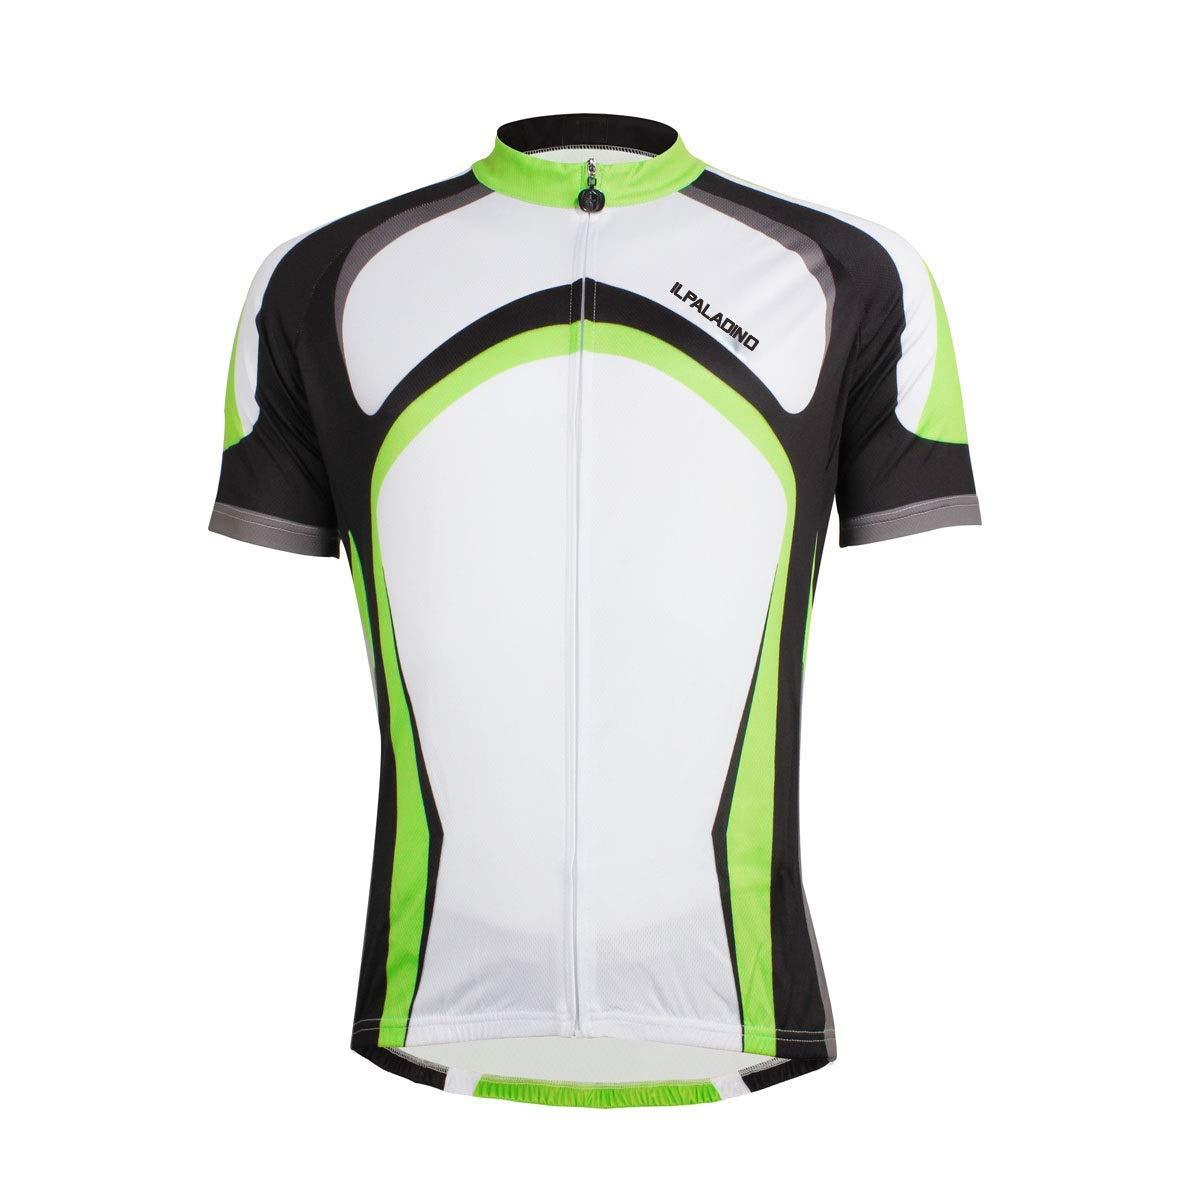 Fahrrad Reitanzug Radsportbekleidung Feuchtigkeitstransport Sommer Herren Kurzarmhemd Fahrradservice Fahrradtrikot LPLHJD